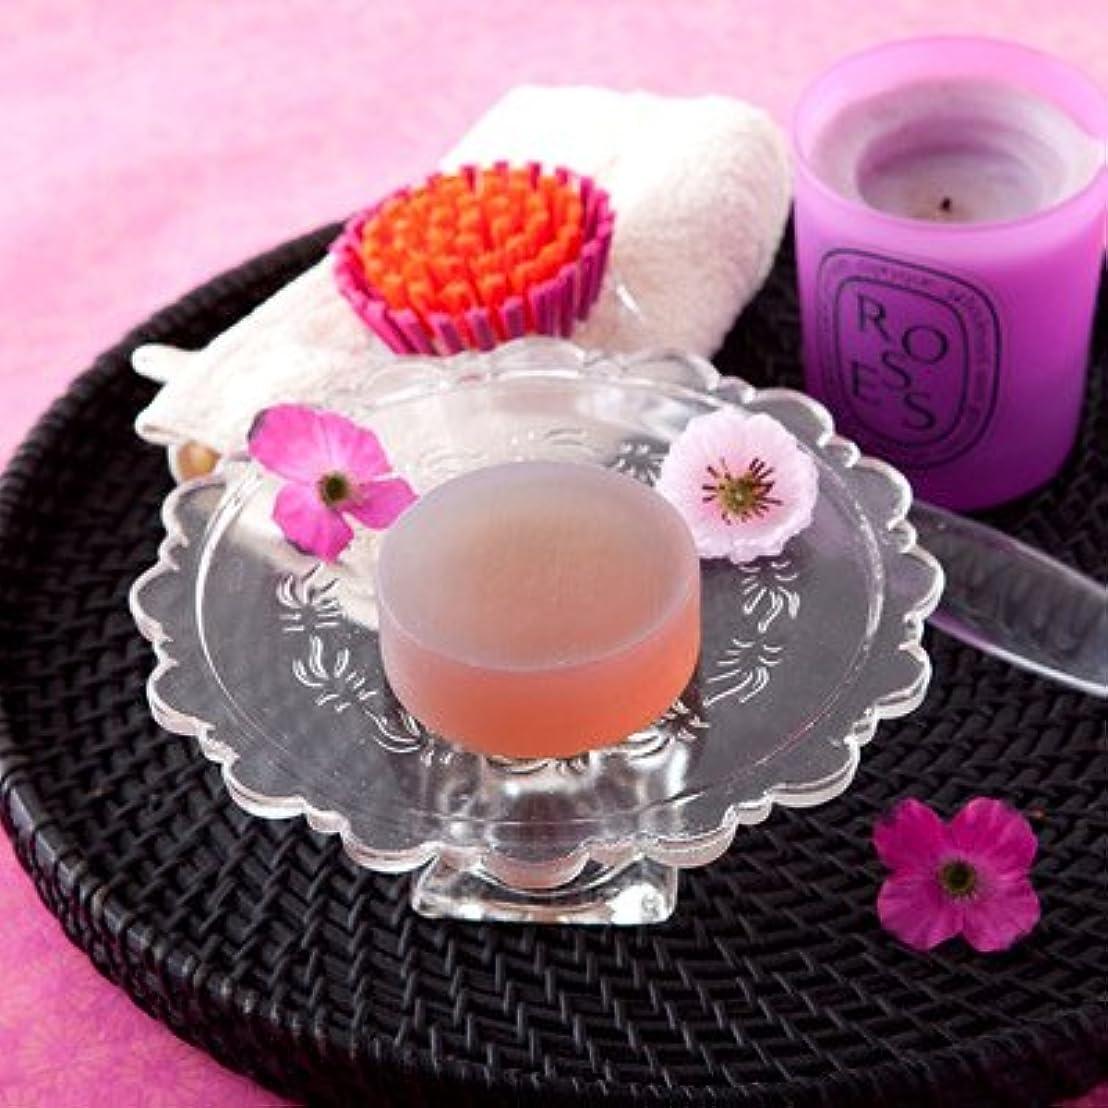 手術噛む敷居お肌の弱い方も安心なクリアソープセット ペアローザ エステソープ 紫潤(2個セット)